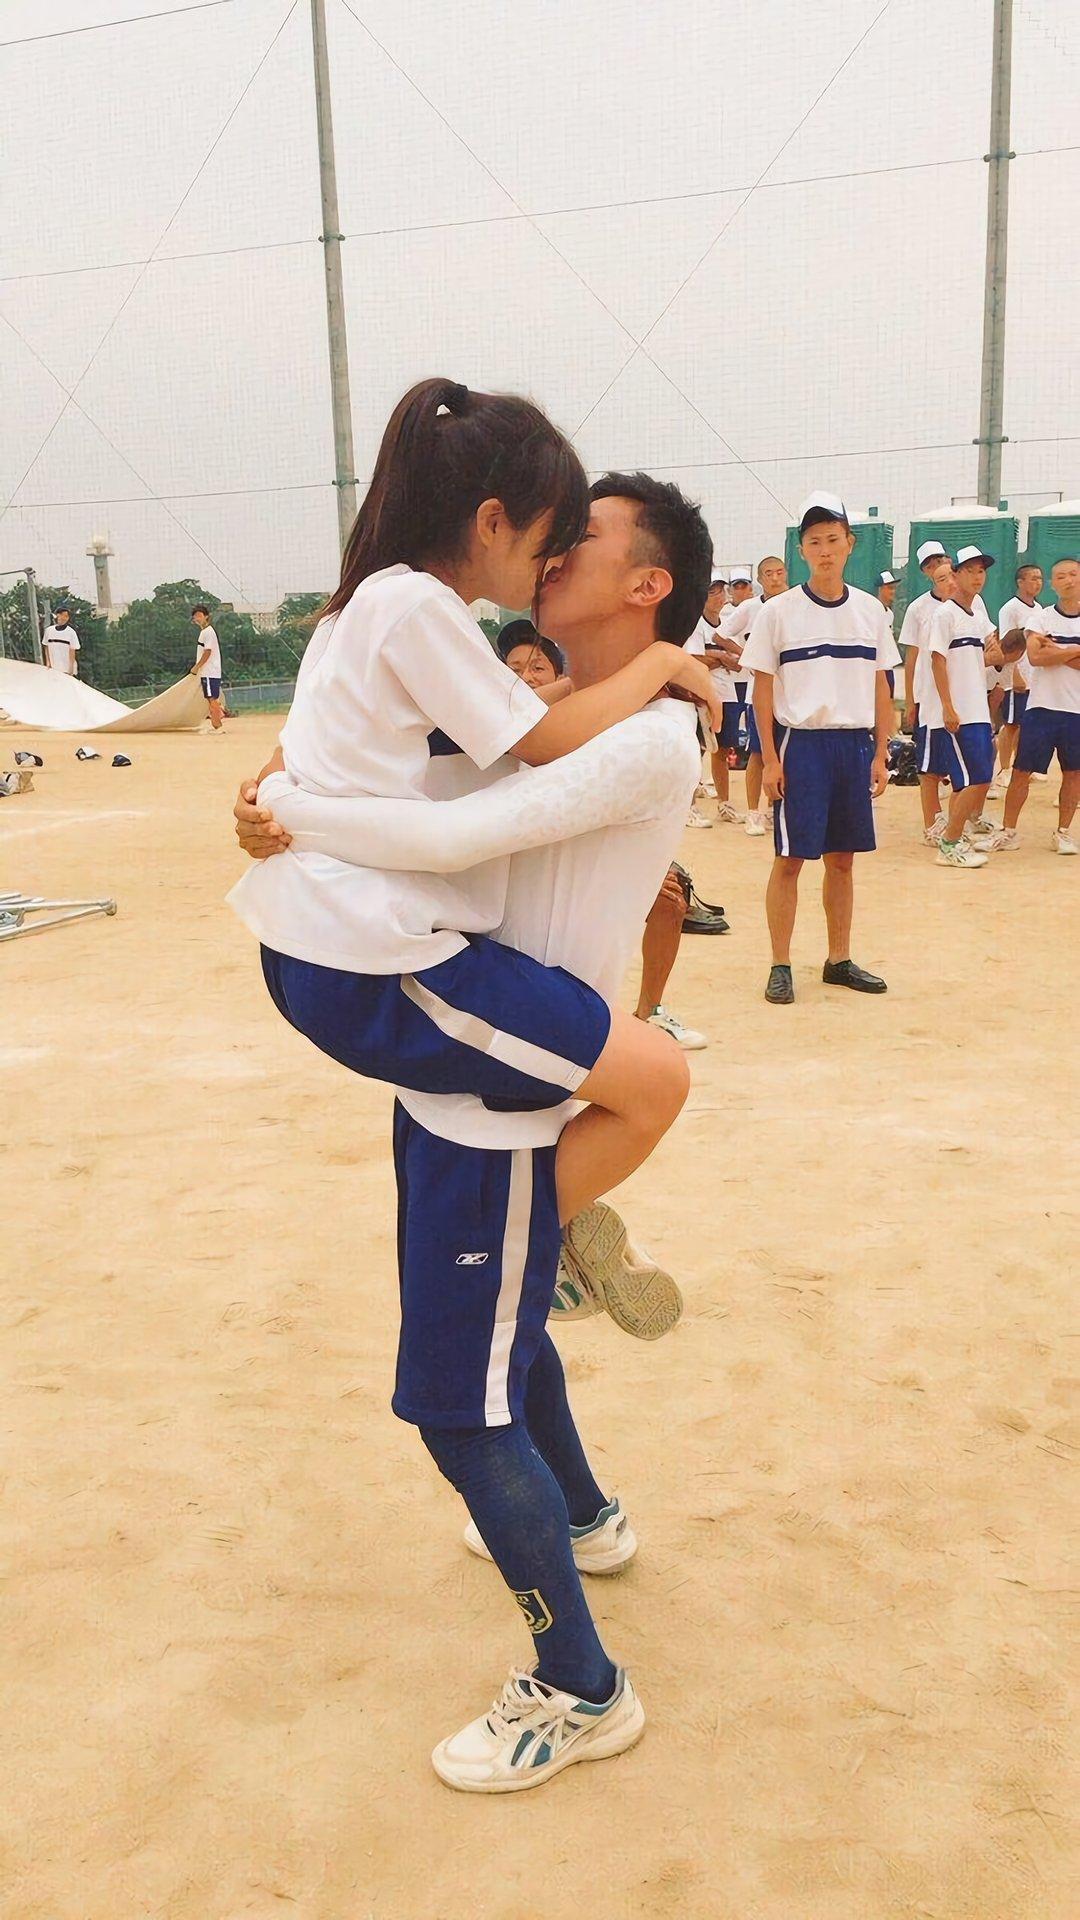 【体育祭】女子高生は俺を60倍狂わせる【文化祭】 YouTube動画>7本 ->画像>294枚